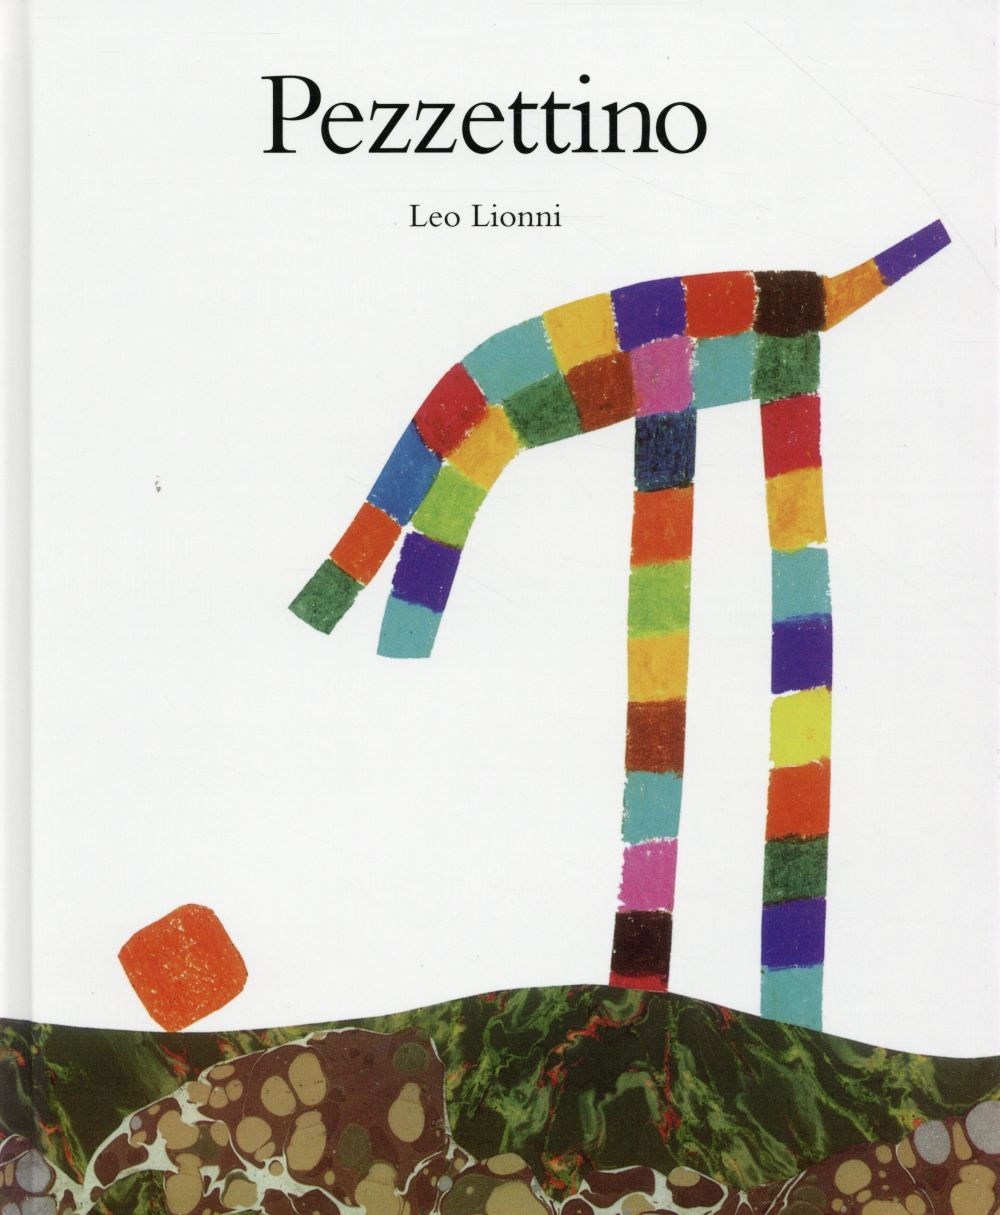 Pezzettino